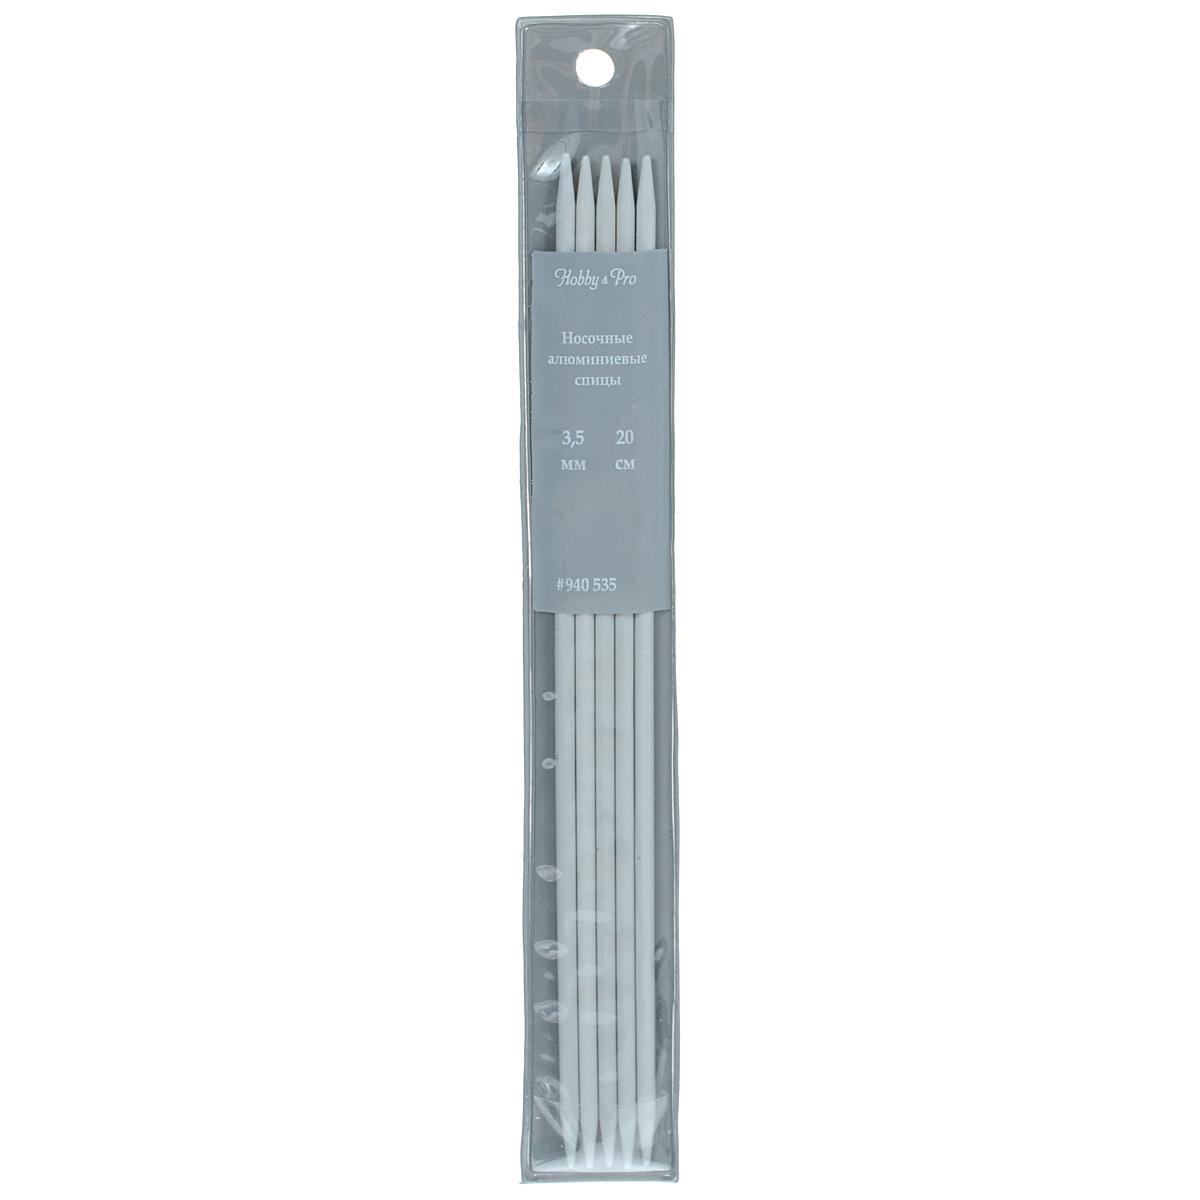 Спицы носочные Hobby & Pro, алюминиевые, прямые, диаметр 3,5 мм, длина 20 см, 5 шт7700050Спицы для вязания Hobby & Pro изготовлены из высококачественного алюминия с тефлоновым покрытием. Спицы прочные, легкие, гладкие, удобные в использовании. Кончики спиц закругленные. Спицы без ограничителей предназначены для вязания шапочек, варежек и носков. Вы сможете вязать для себя и делать подарки друзьям. Рукоделие всегда считалось изысканным, благородным делом. Работа, сделанная своими руками, долго будет радовать вас и ваших близких.